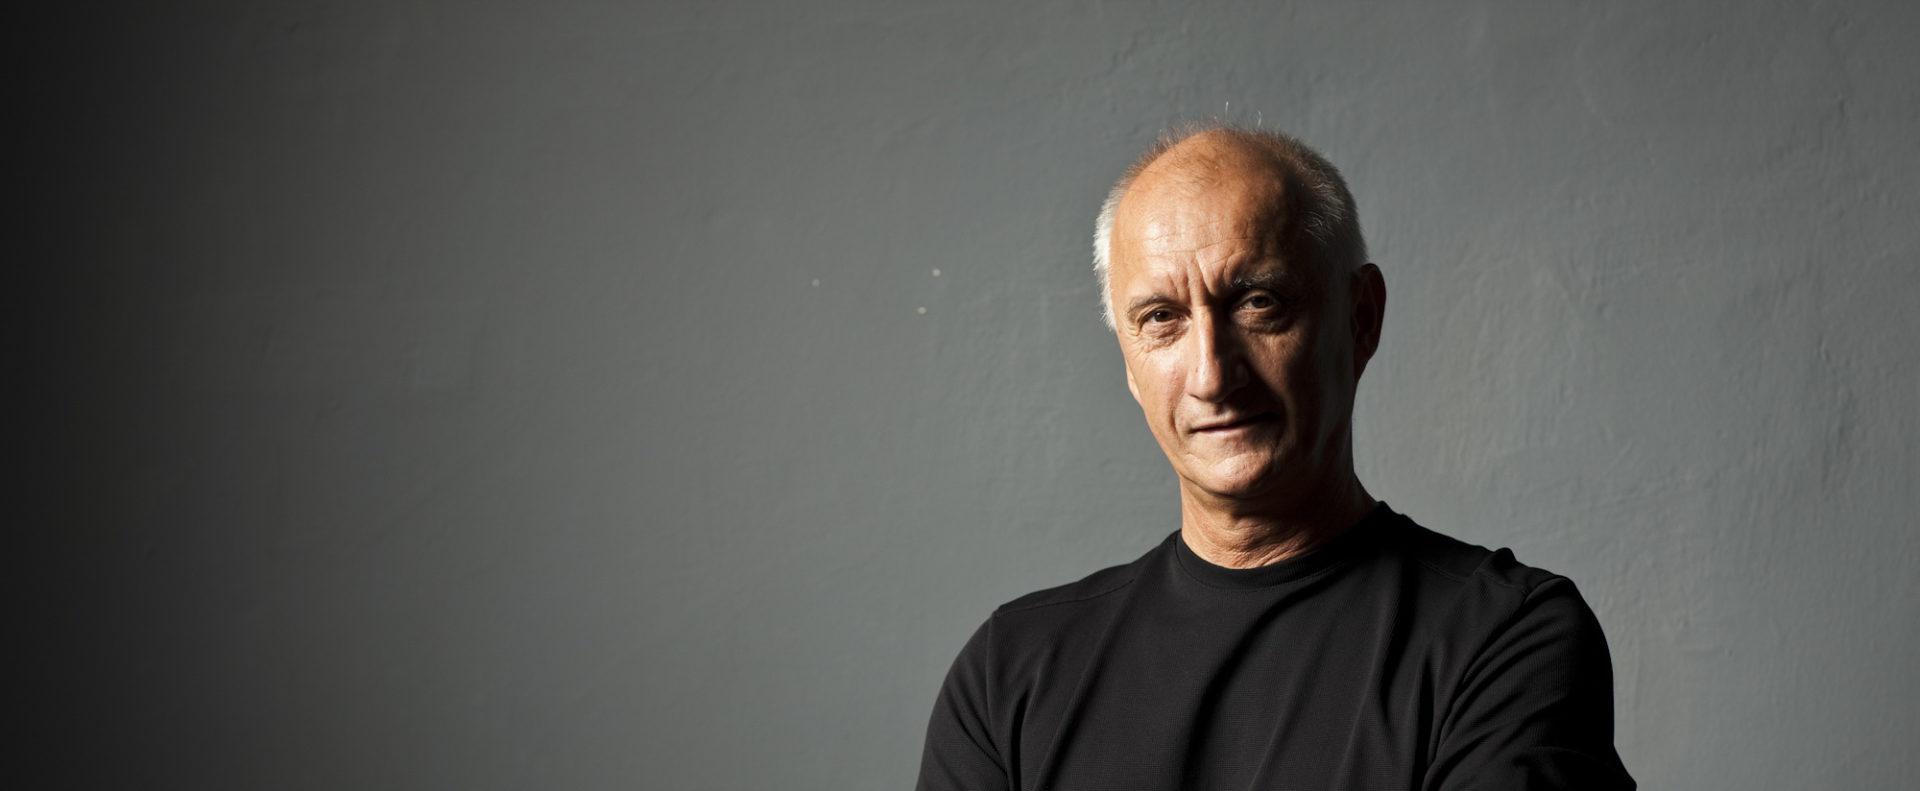 Jozef Banas